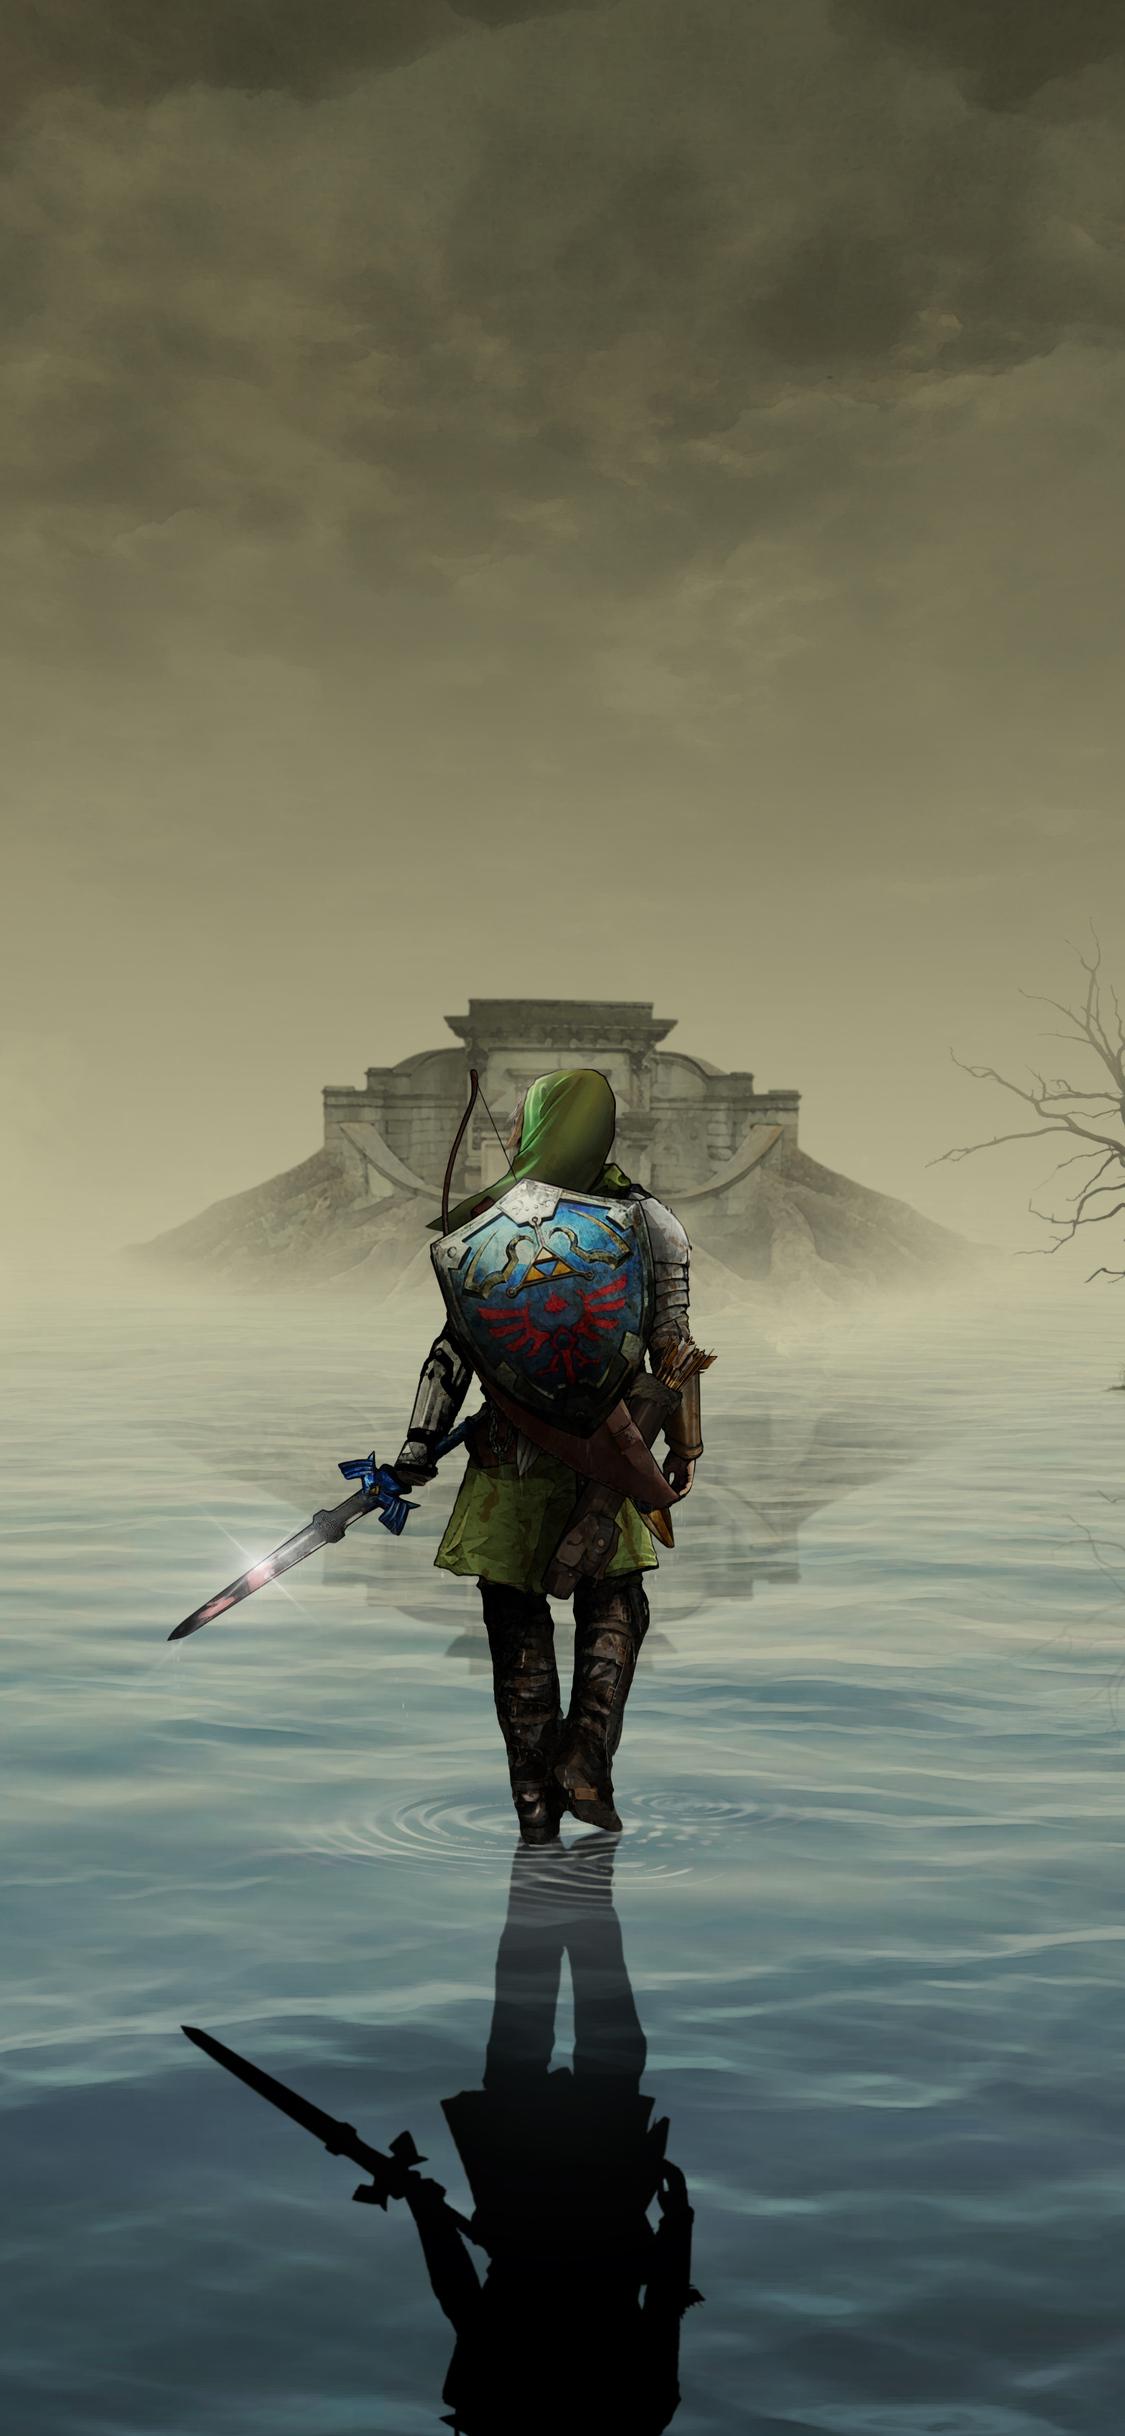 21x21 The Legend Of Zelda Walking Art Iphone XS,Iphone 21 ...